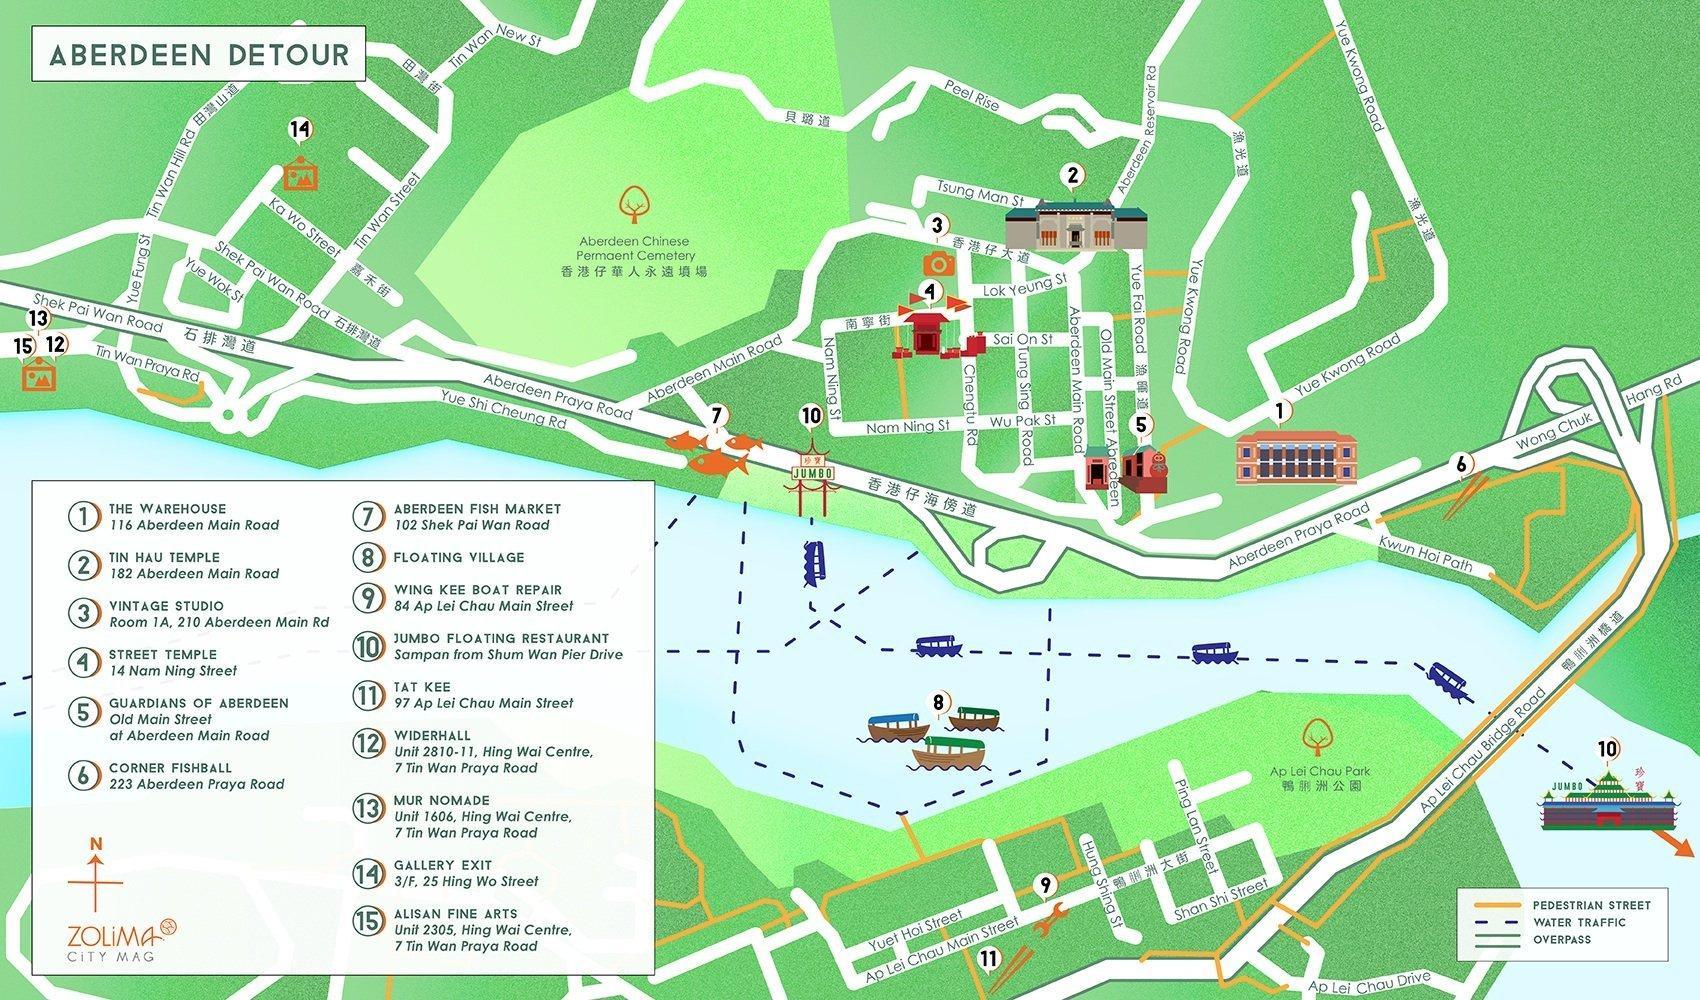 kart over aberdeen Aberdeen Hong Kong kart   Kart over Aberdeen Hong Kong (Kina) kart over aberdeen